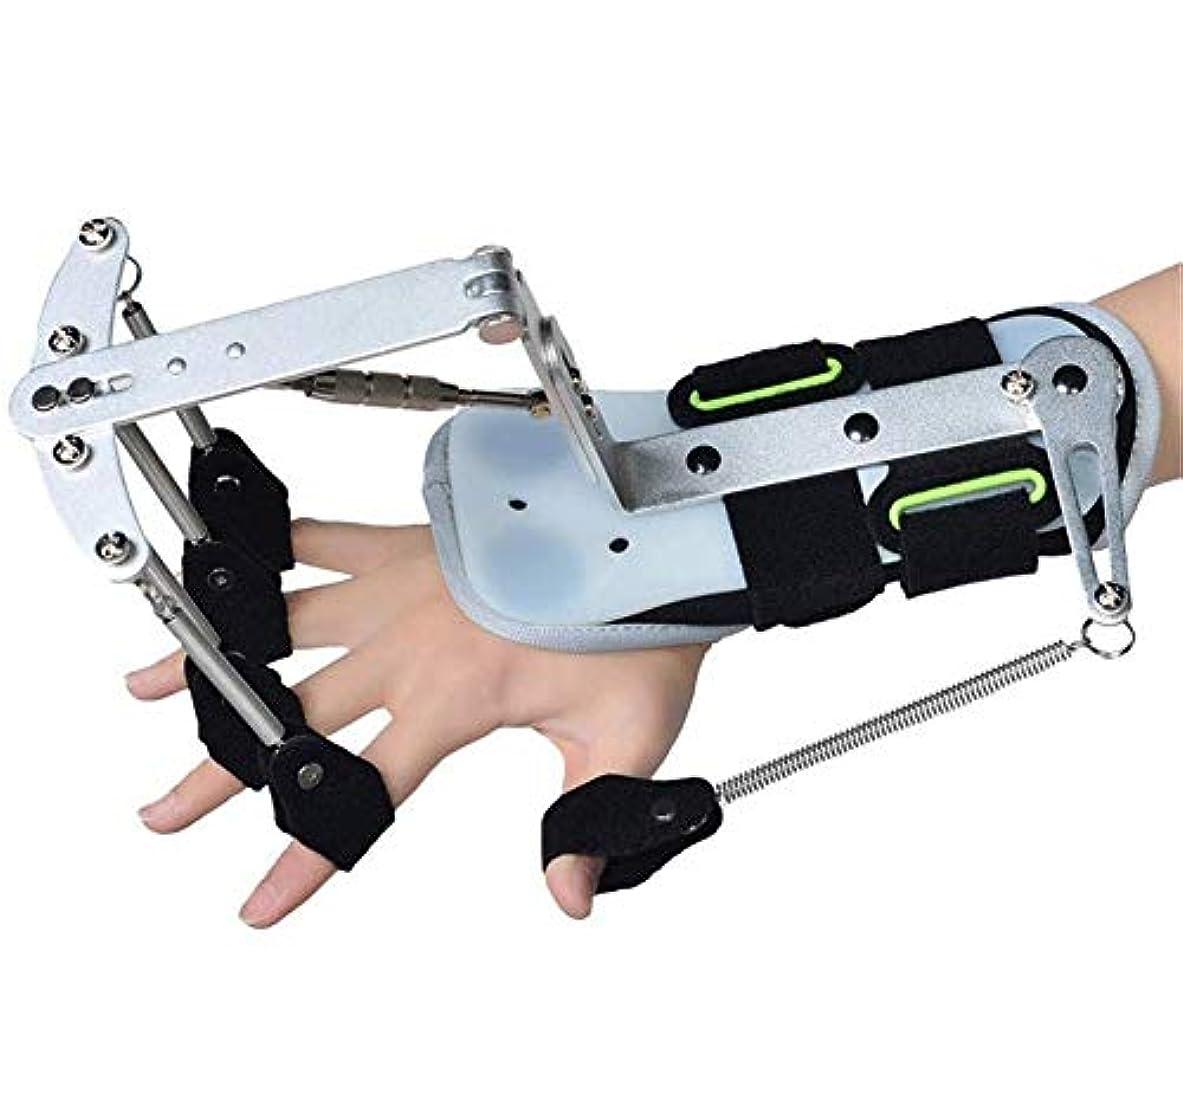 バウンド矛盾メディカル手首OrthoticsAdjustableフィンガー、フィンガートレーナーハンドリハビリトレーニング指装具脳卒中片麻痺患者のあこがれ演習修復のため